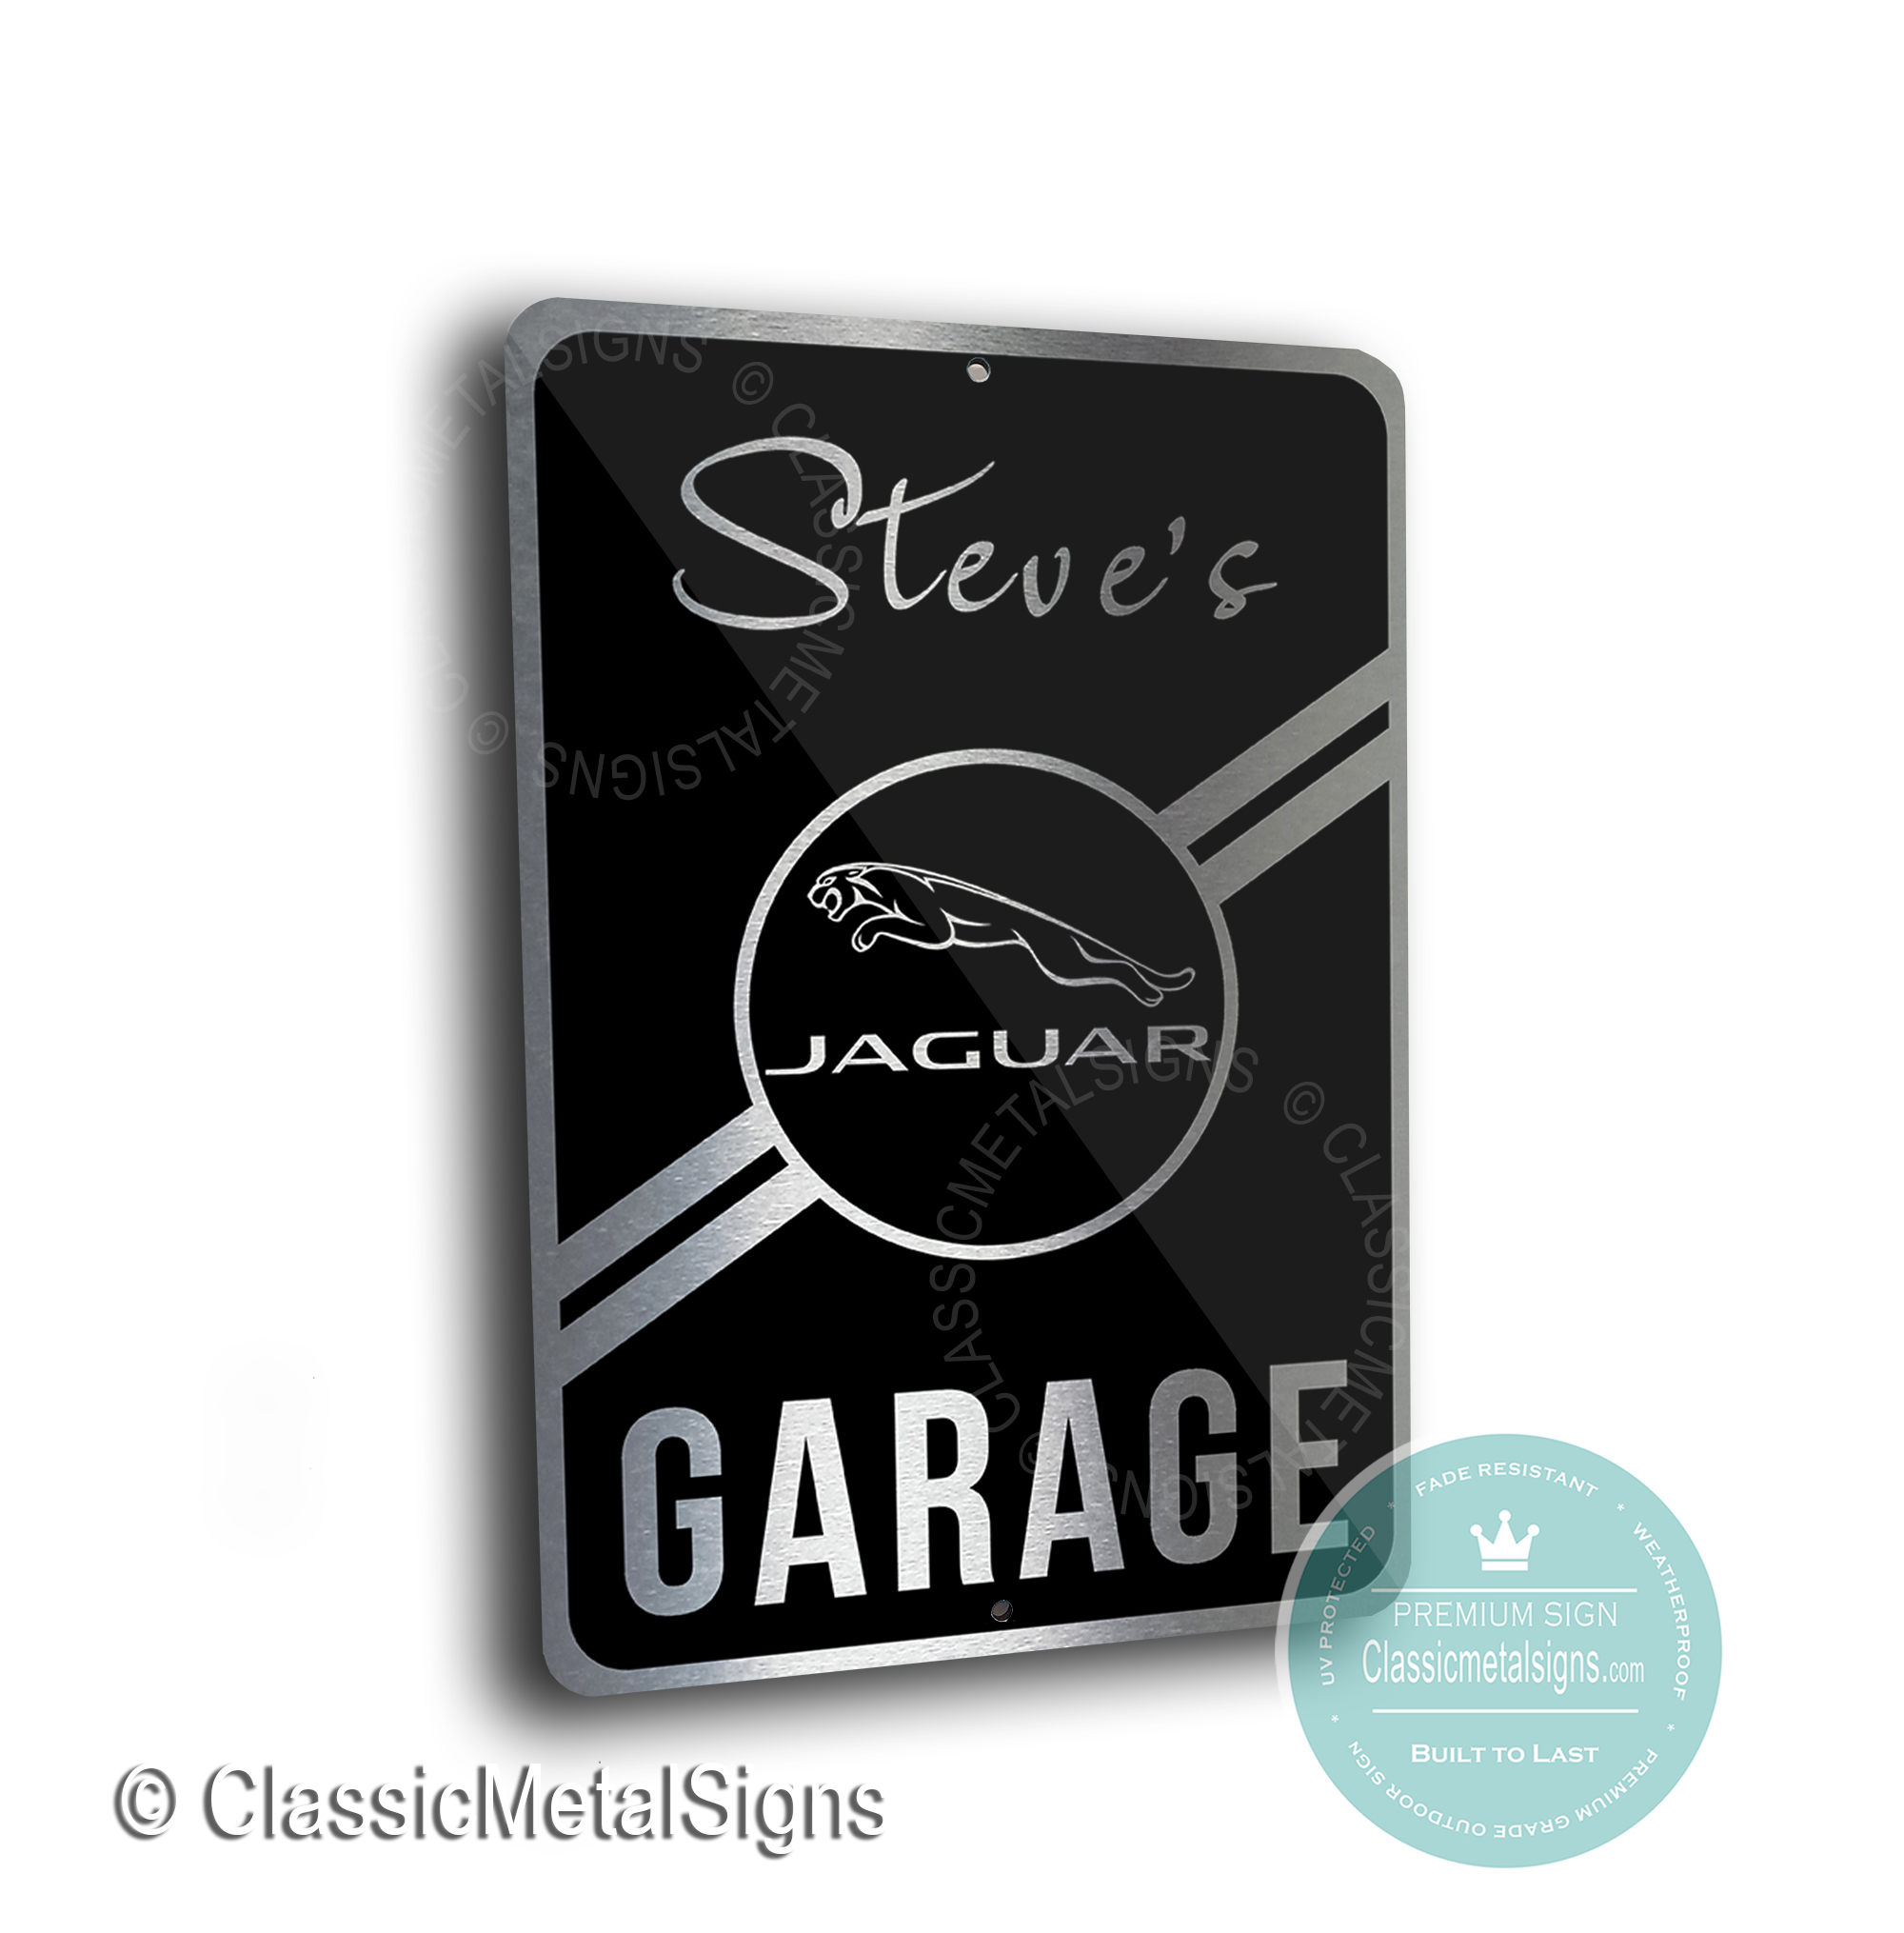 Jaguar Garage Signs